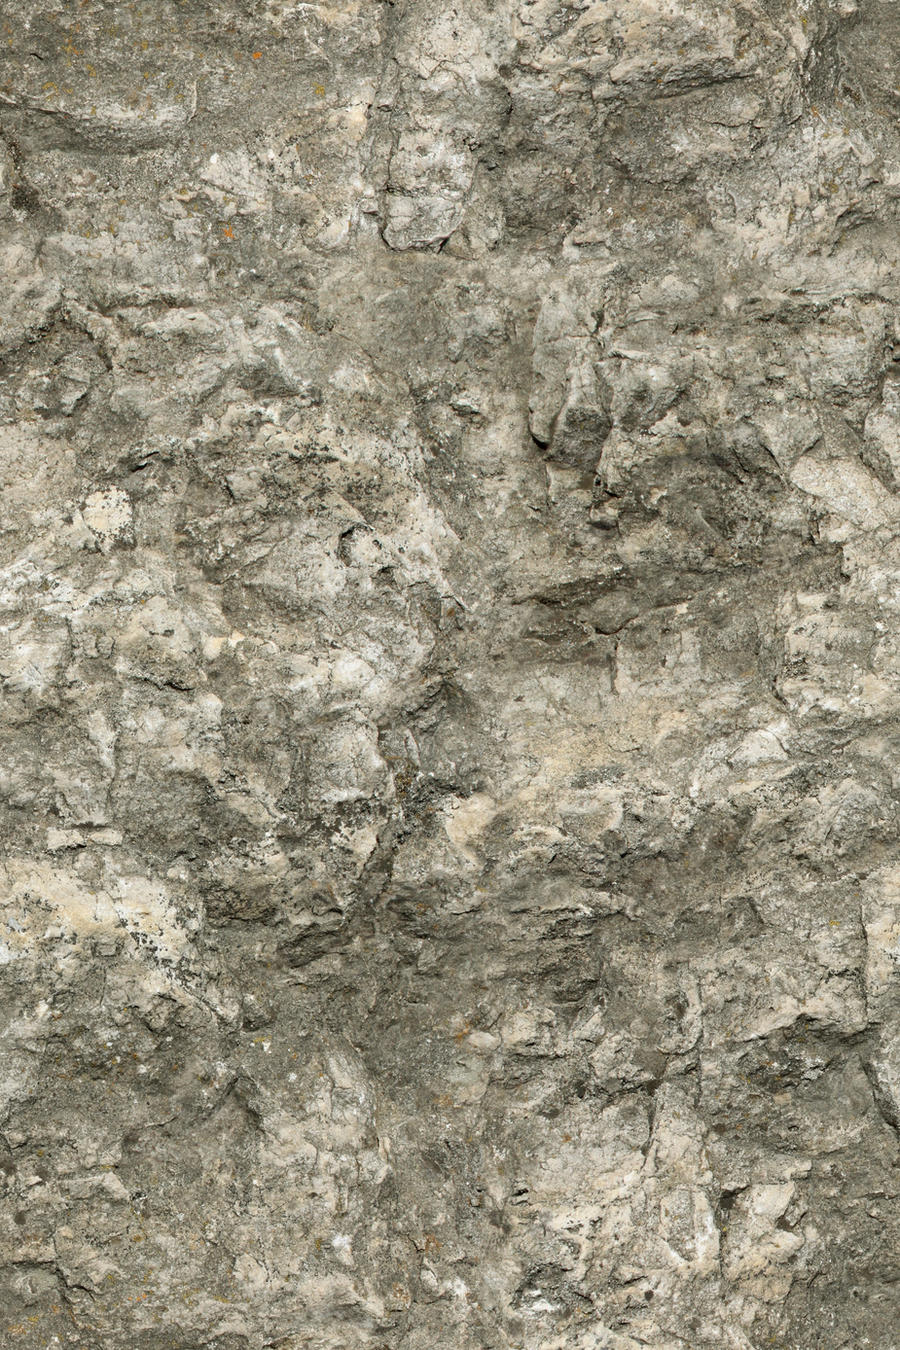 Stone Texture 7 - Seamless